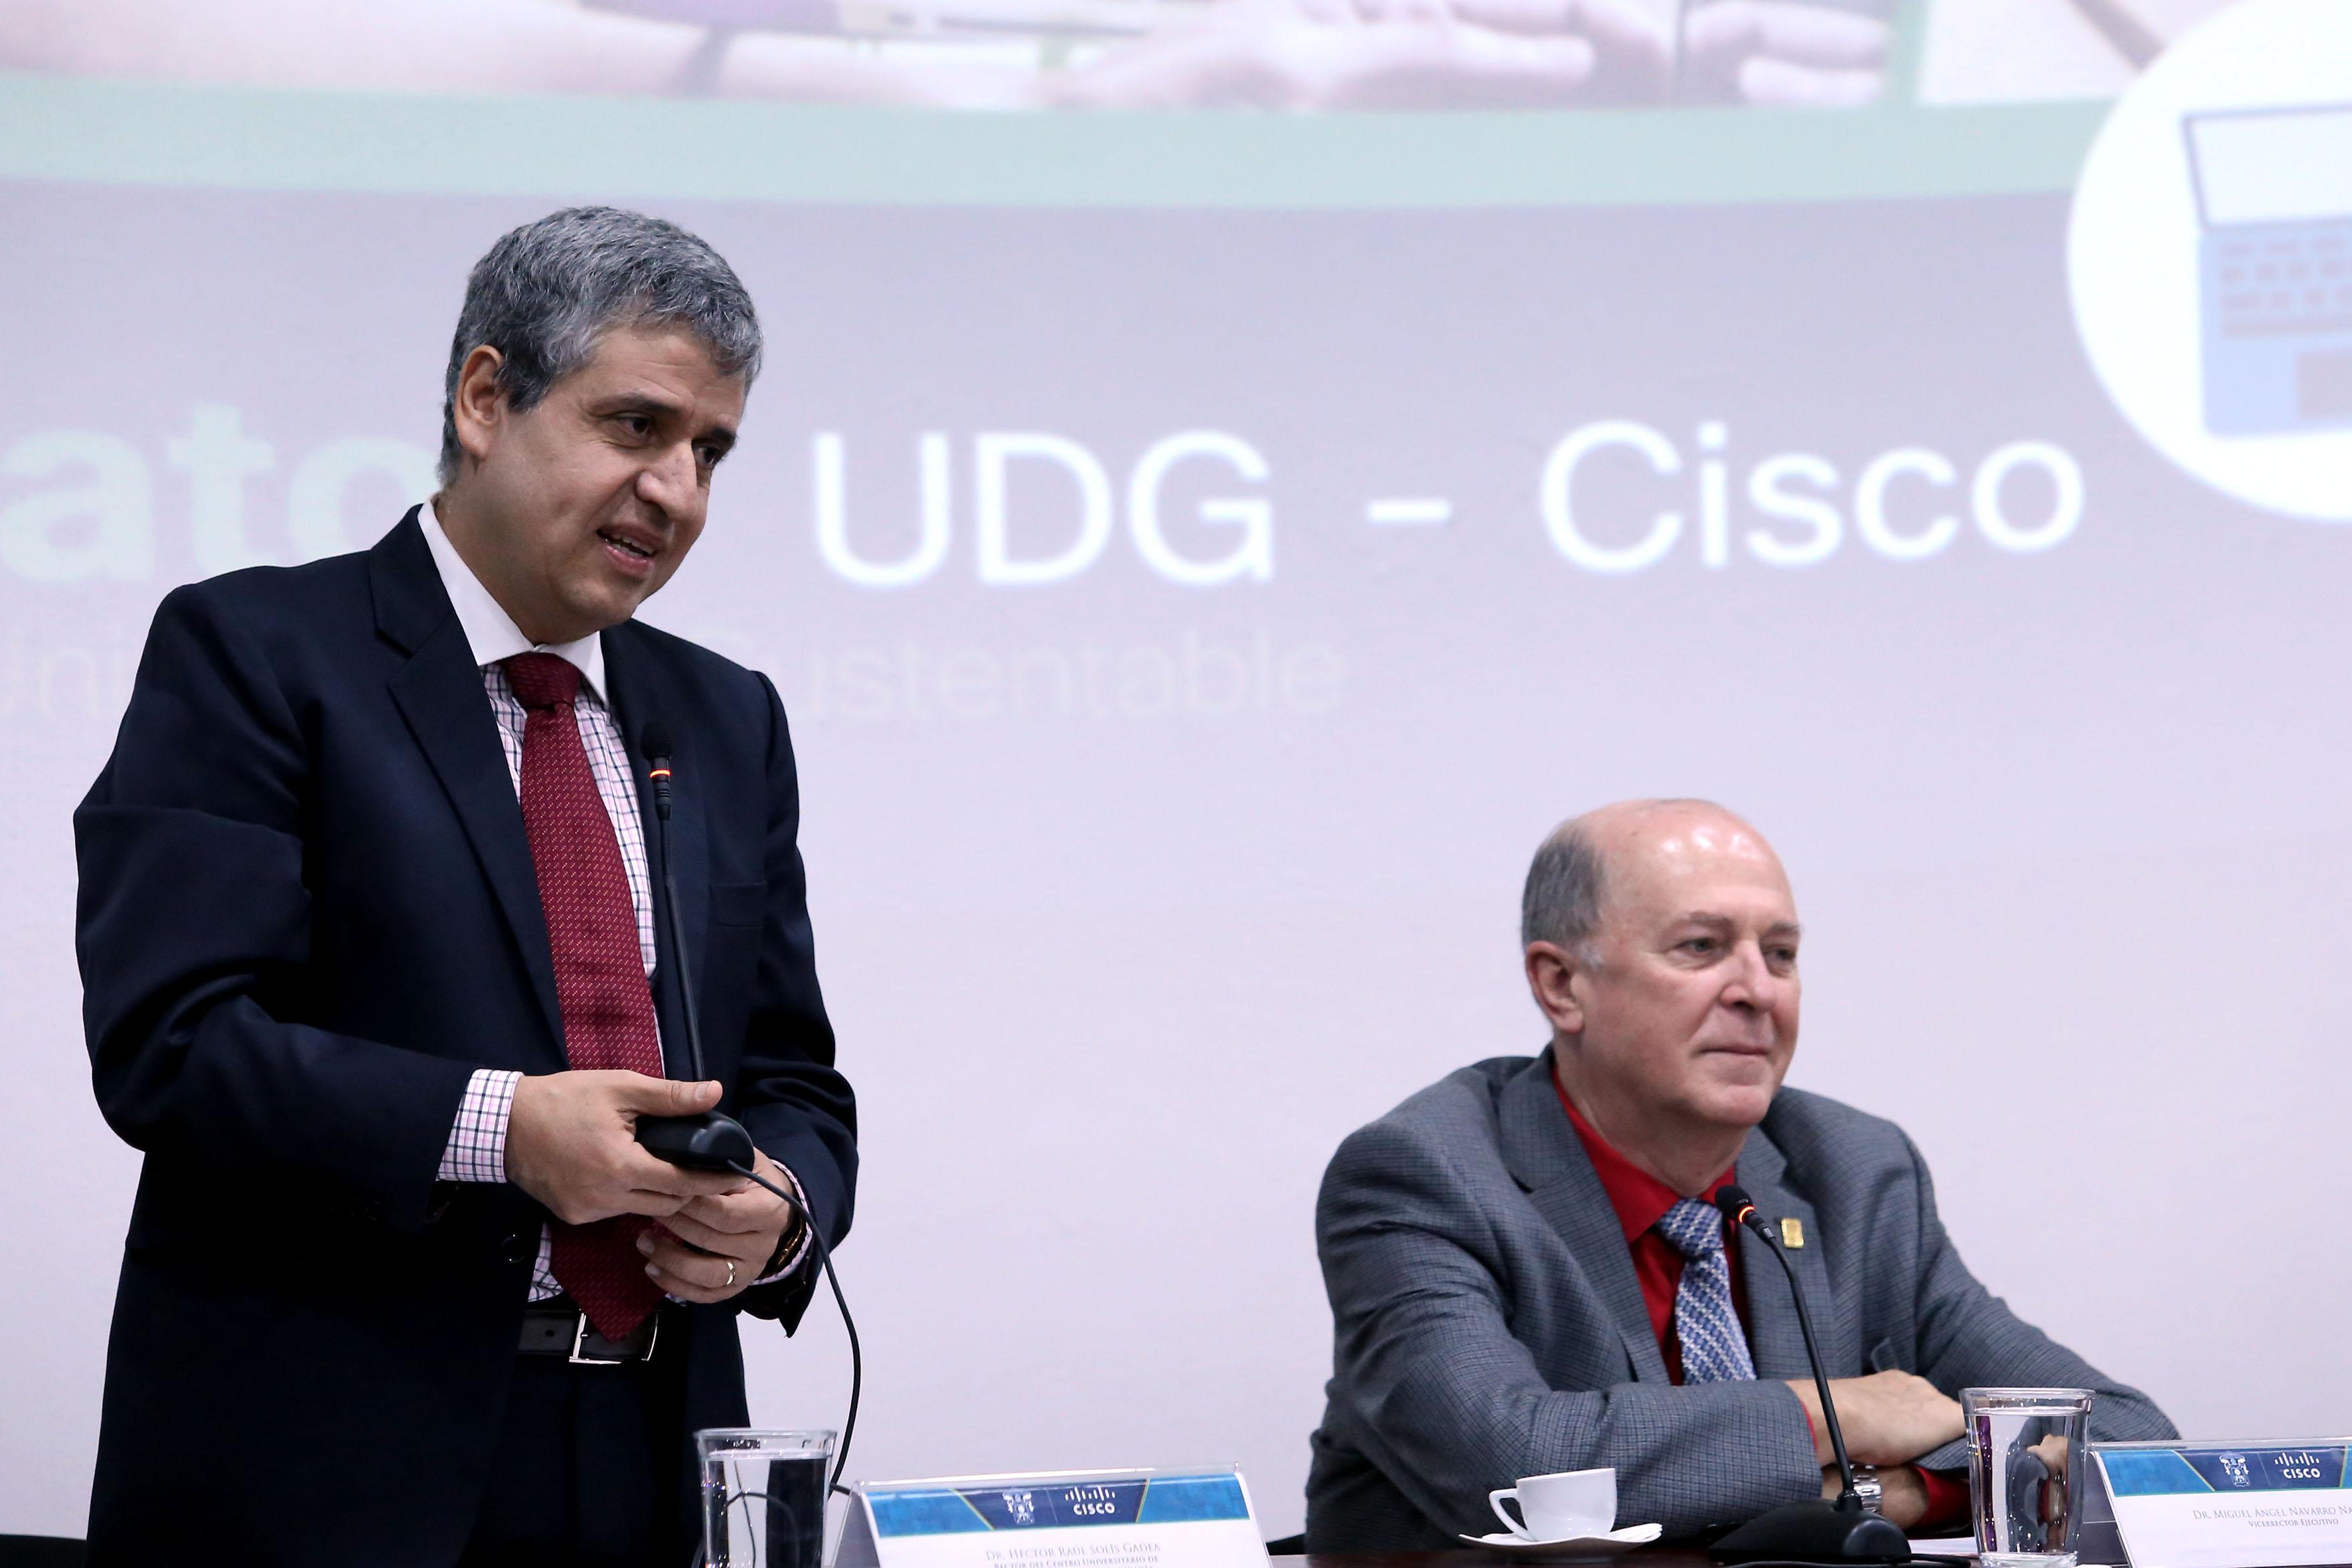 El doctor Héctor Raúl Solís Gadea, Rector del CUCSH y y el doctor Miguel Ángel Navarro Navarro, Vicerrector Ejecutivo de la UdeG.